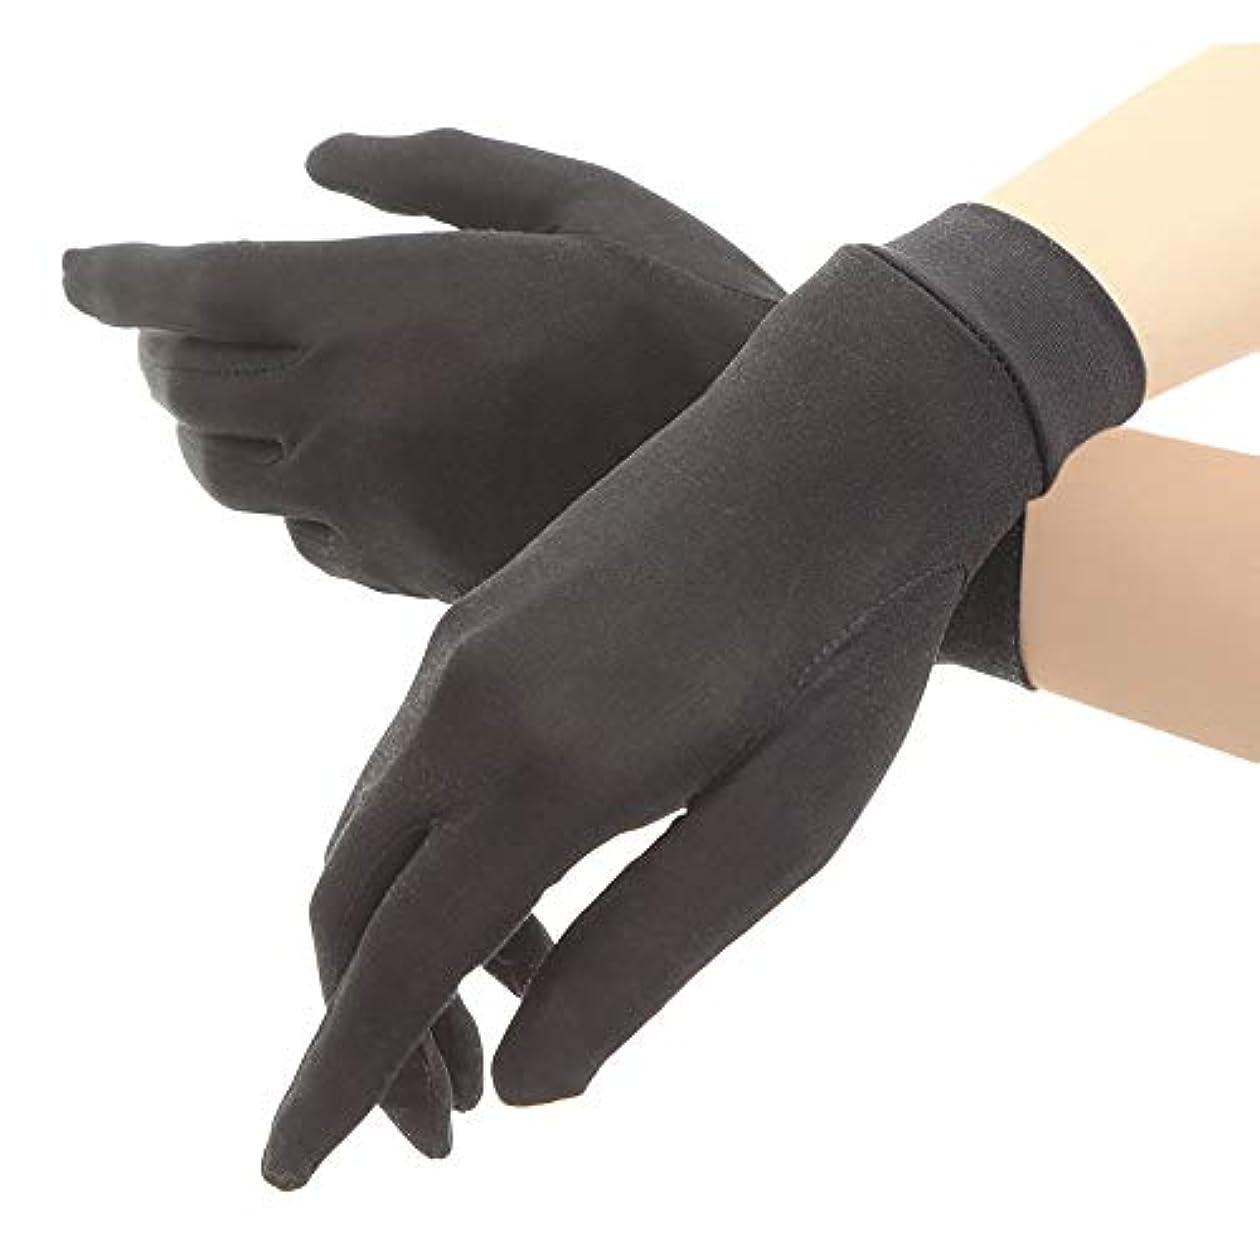 タイマー冷蔵庫テレックスシルク手袋 レディース 手袋 シルク 絹 ハンド ケア 保湿 紫外線 肌荒れ 乾燥 サイズアップで手指にマッチ 【macch】